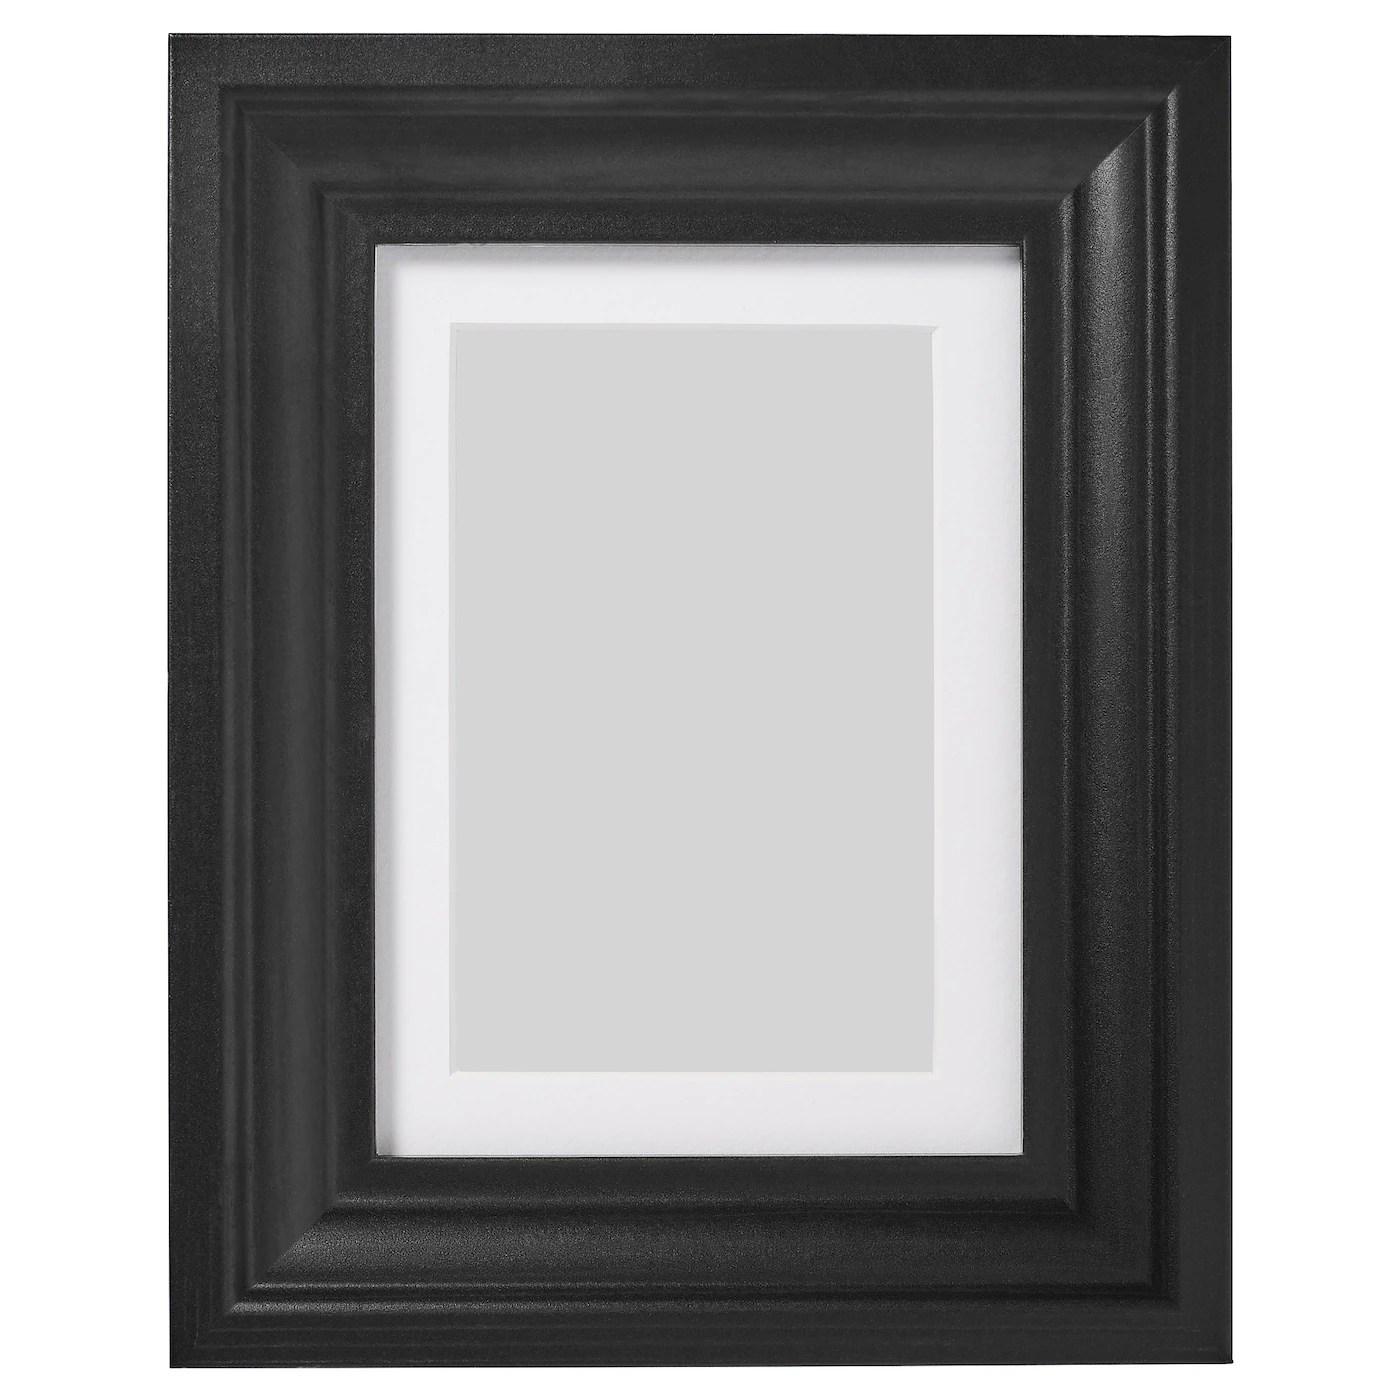 edsbruk frame black stained 5x7